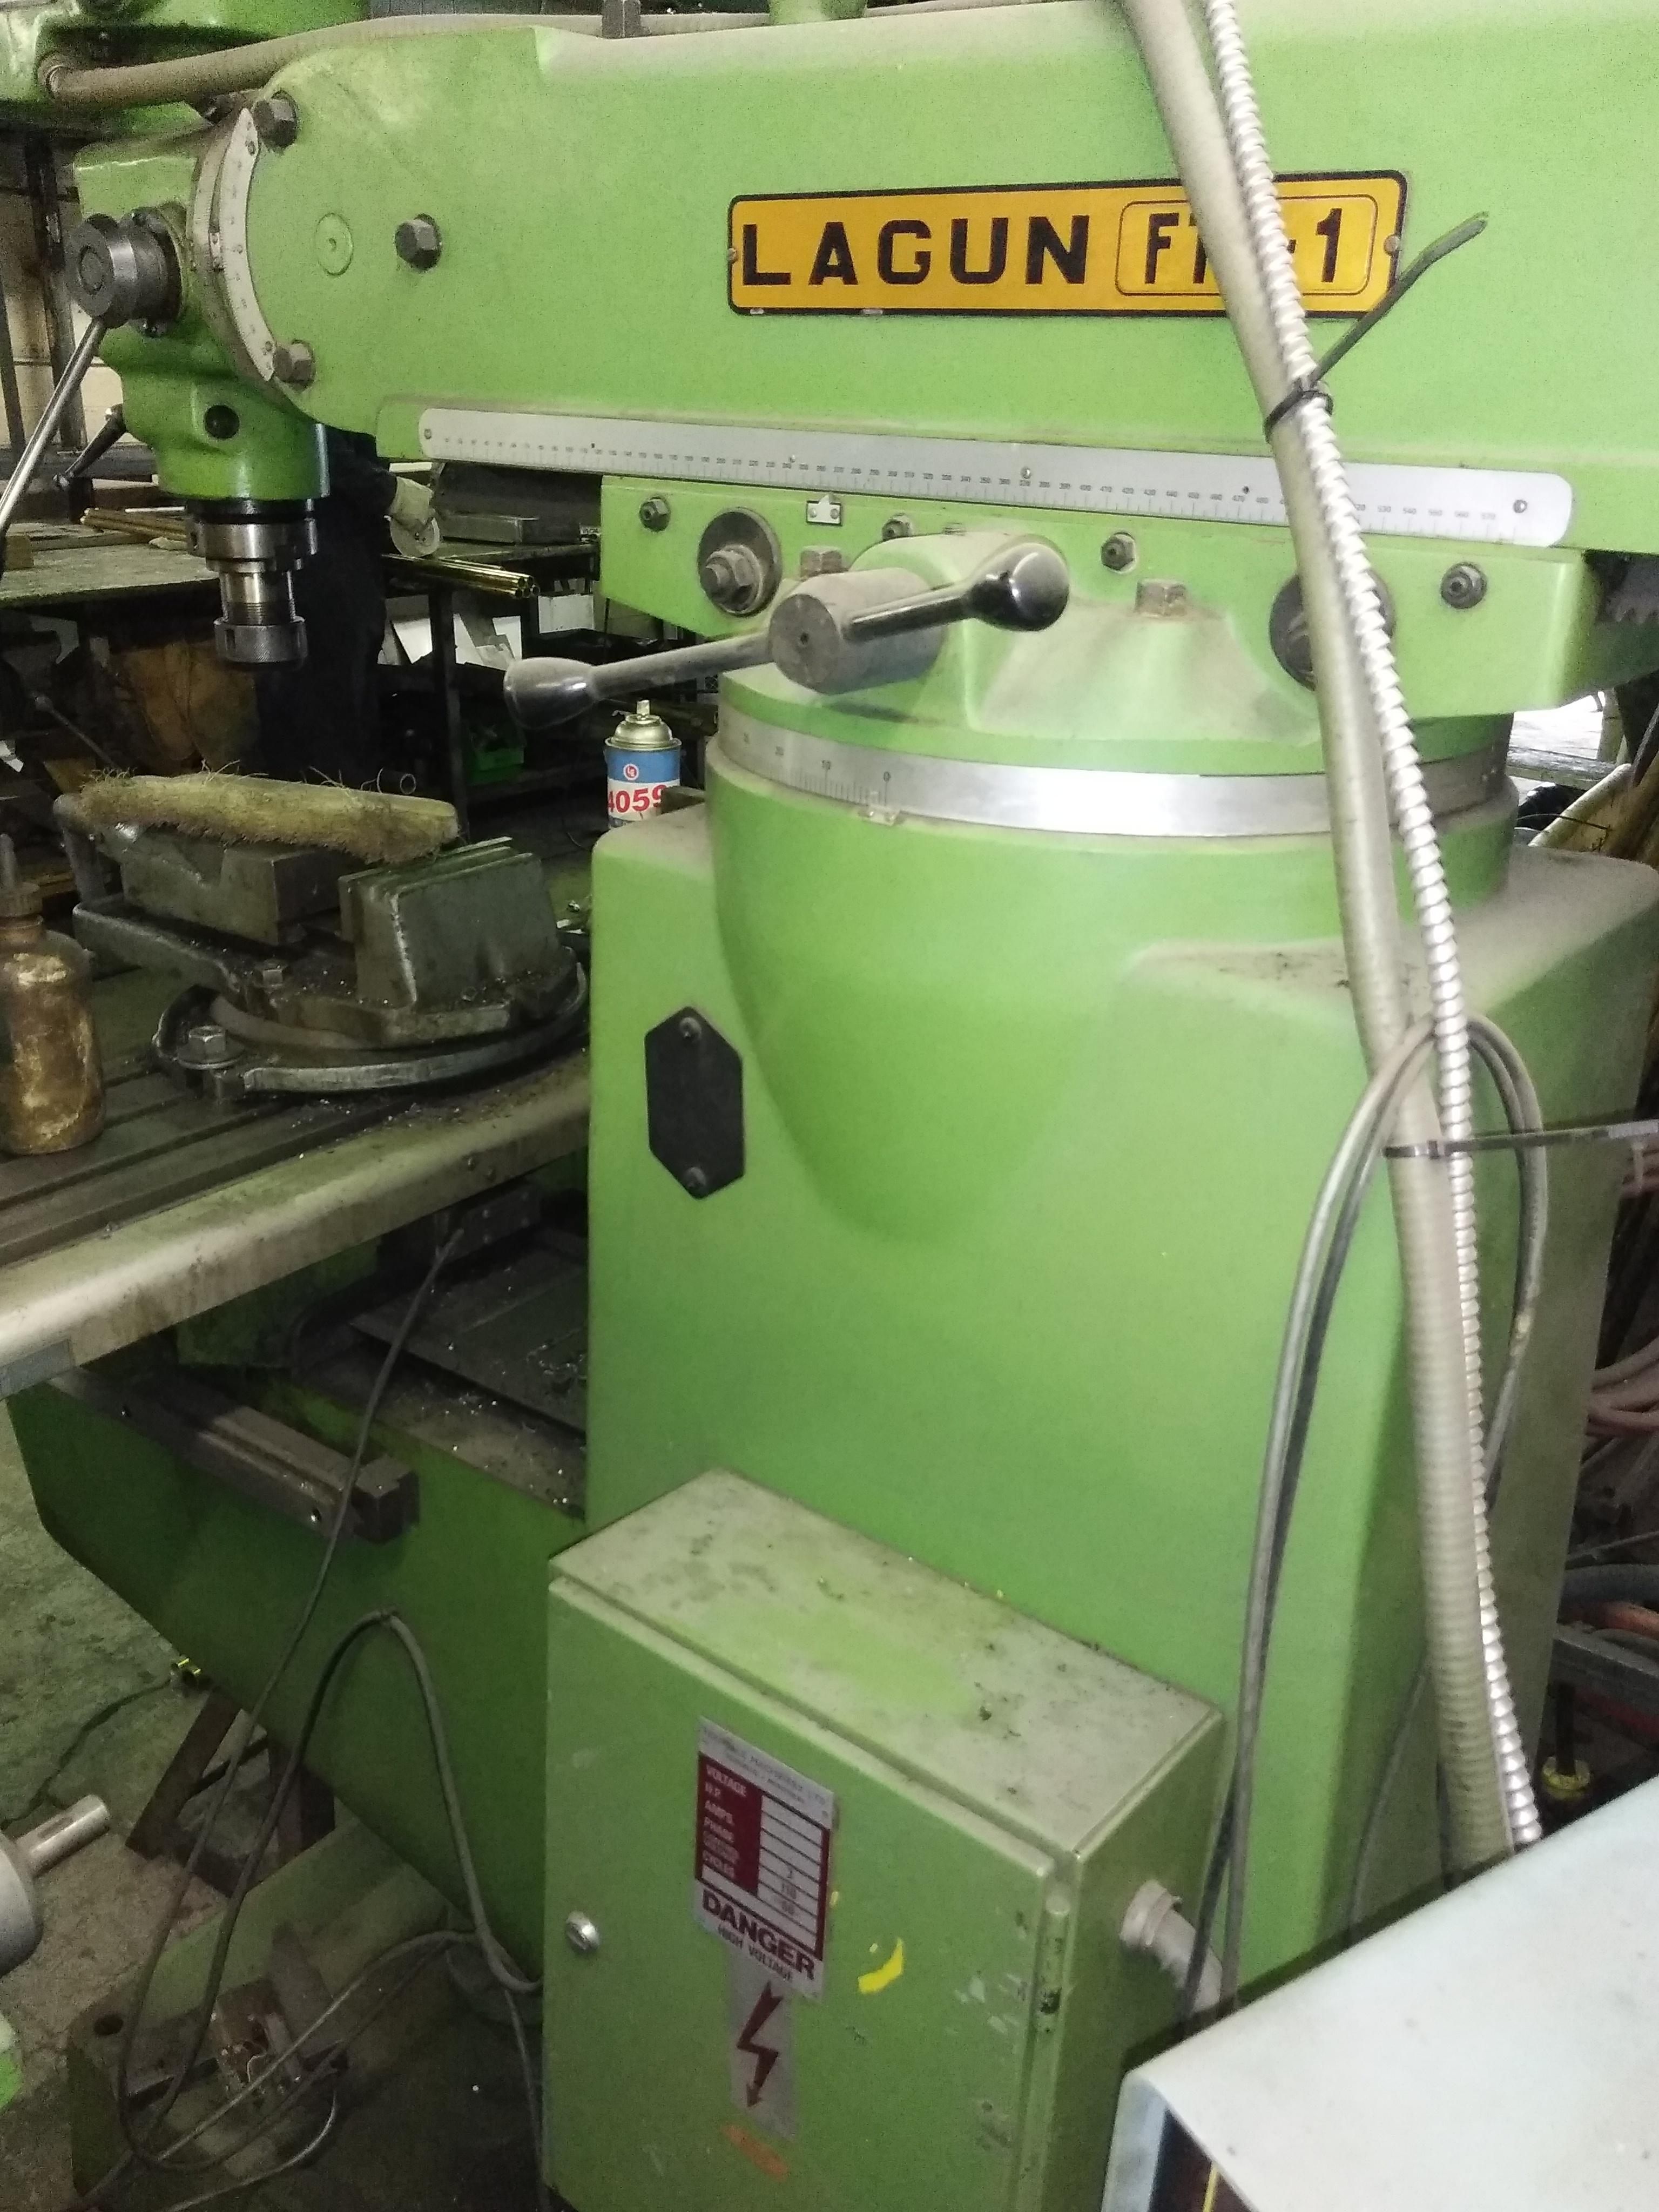 Lagun FU1 LA -Vertical  Milling  Machine   Cost: $3200